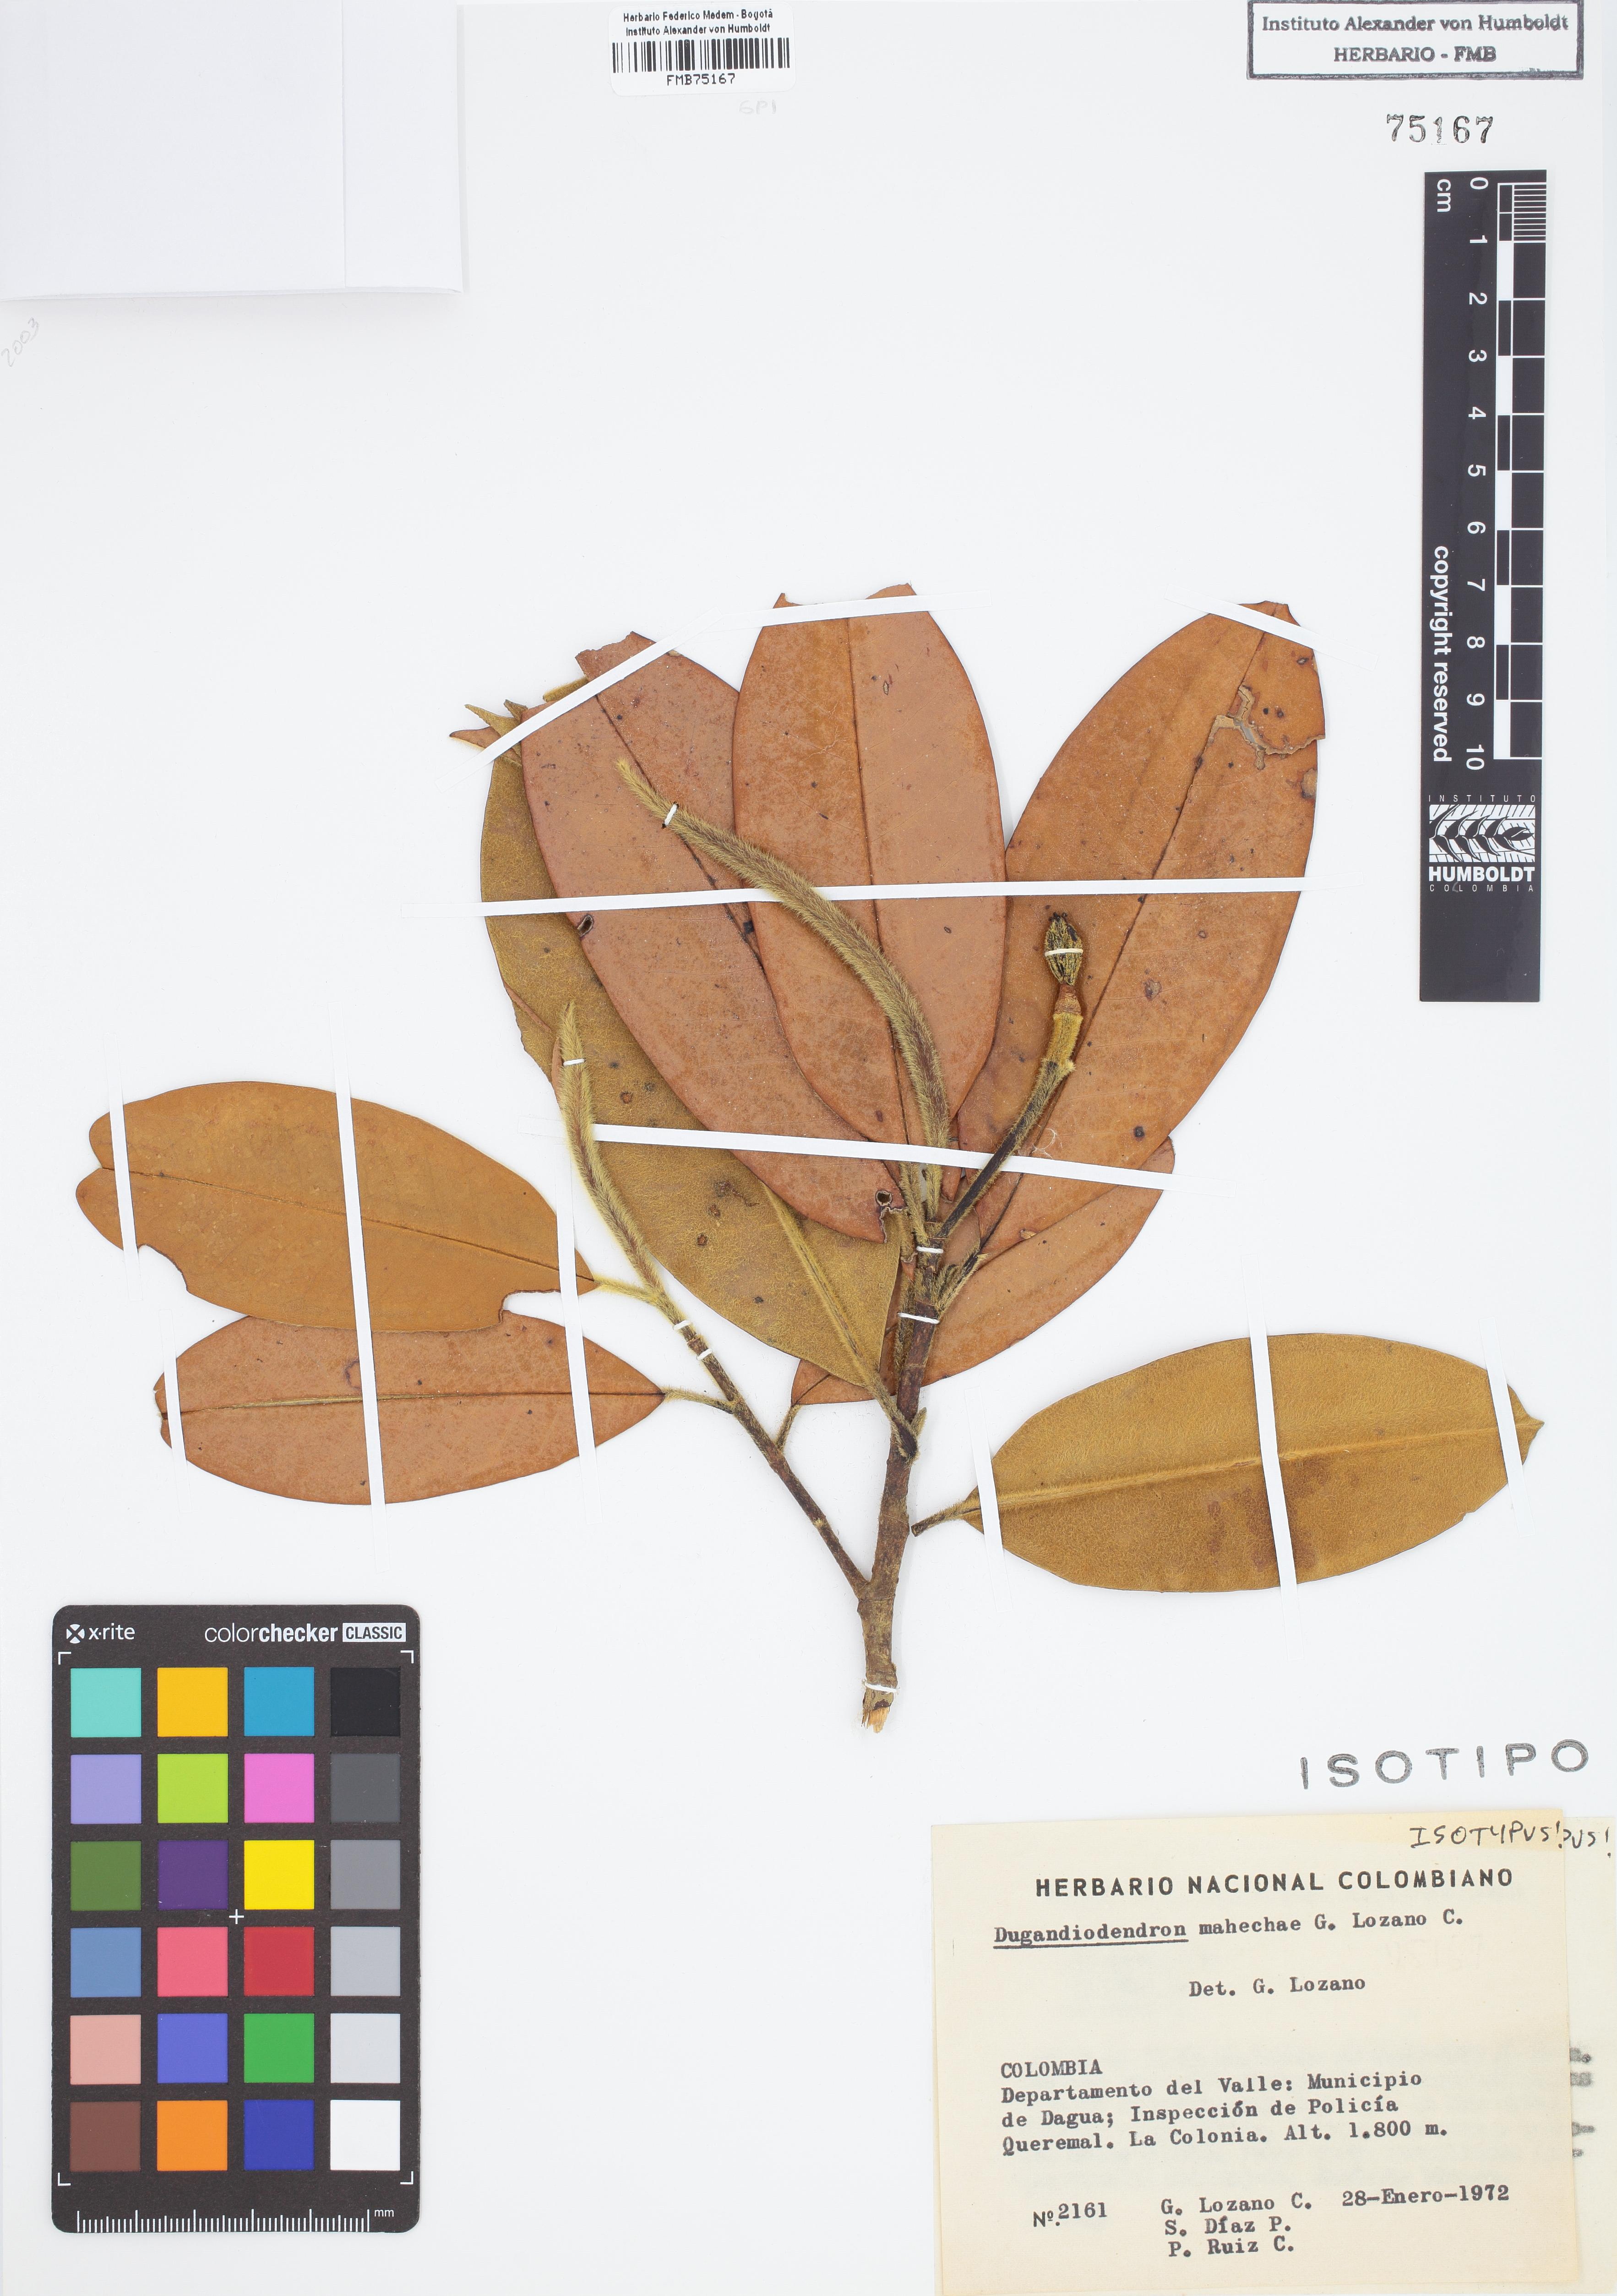 Isotipo de <em>Dugandiodendron mahechae</em>, FMB-75167, Fotografía por Robles A.